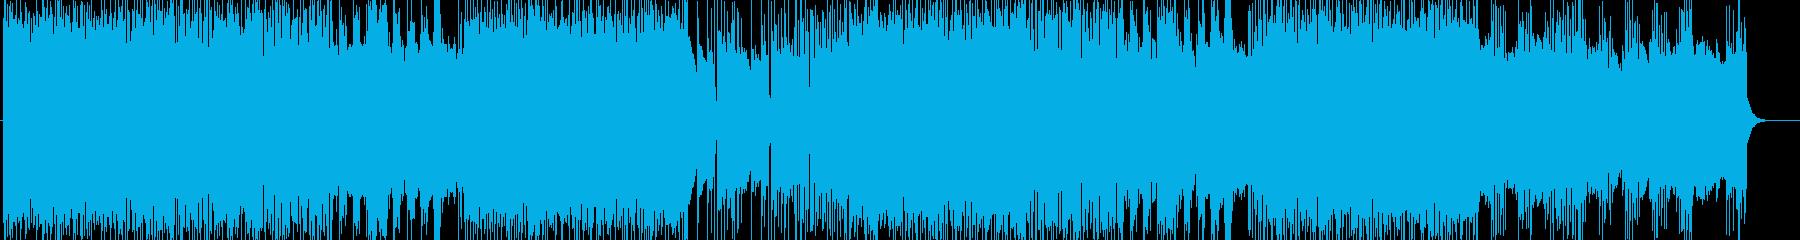 「HR/HM」「DEATH」BGM196の再生済みの波形